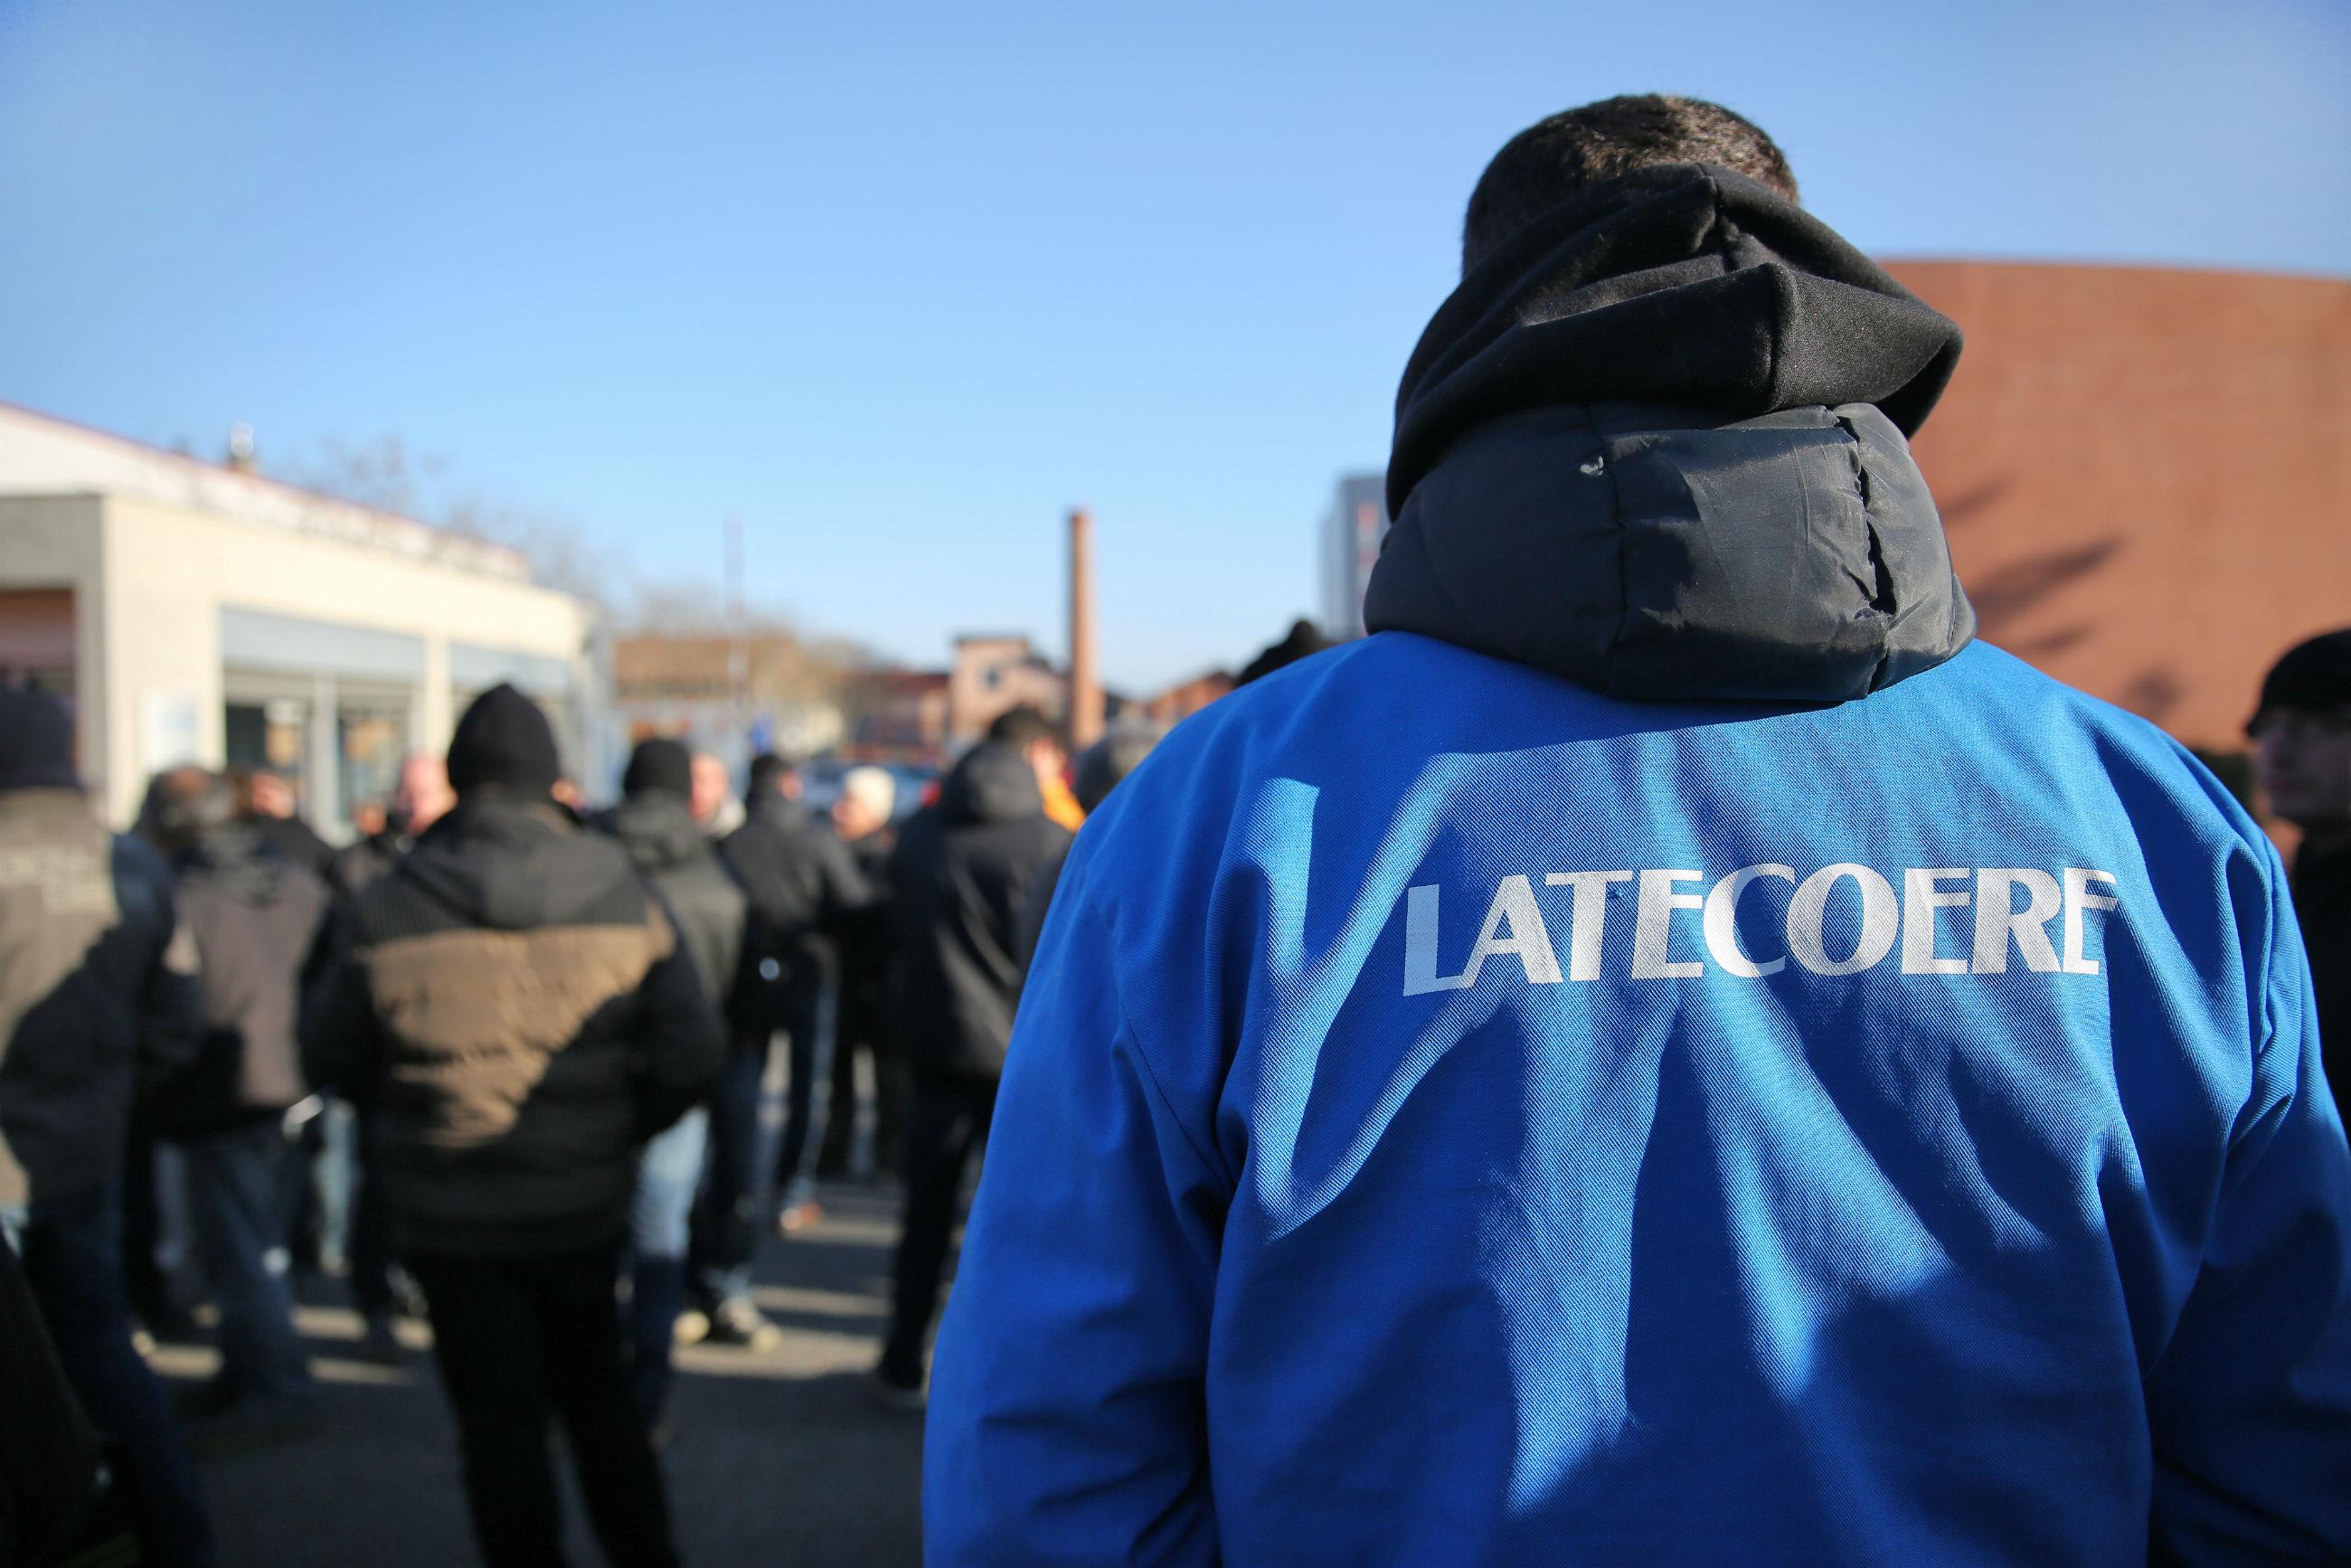 Latécoère prévoit de supprimer près du tiers de ses effectifs en France